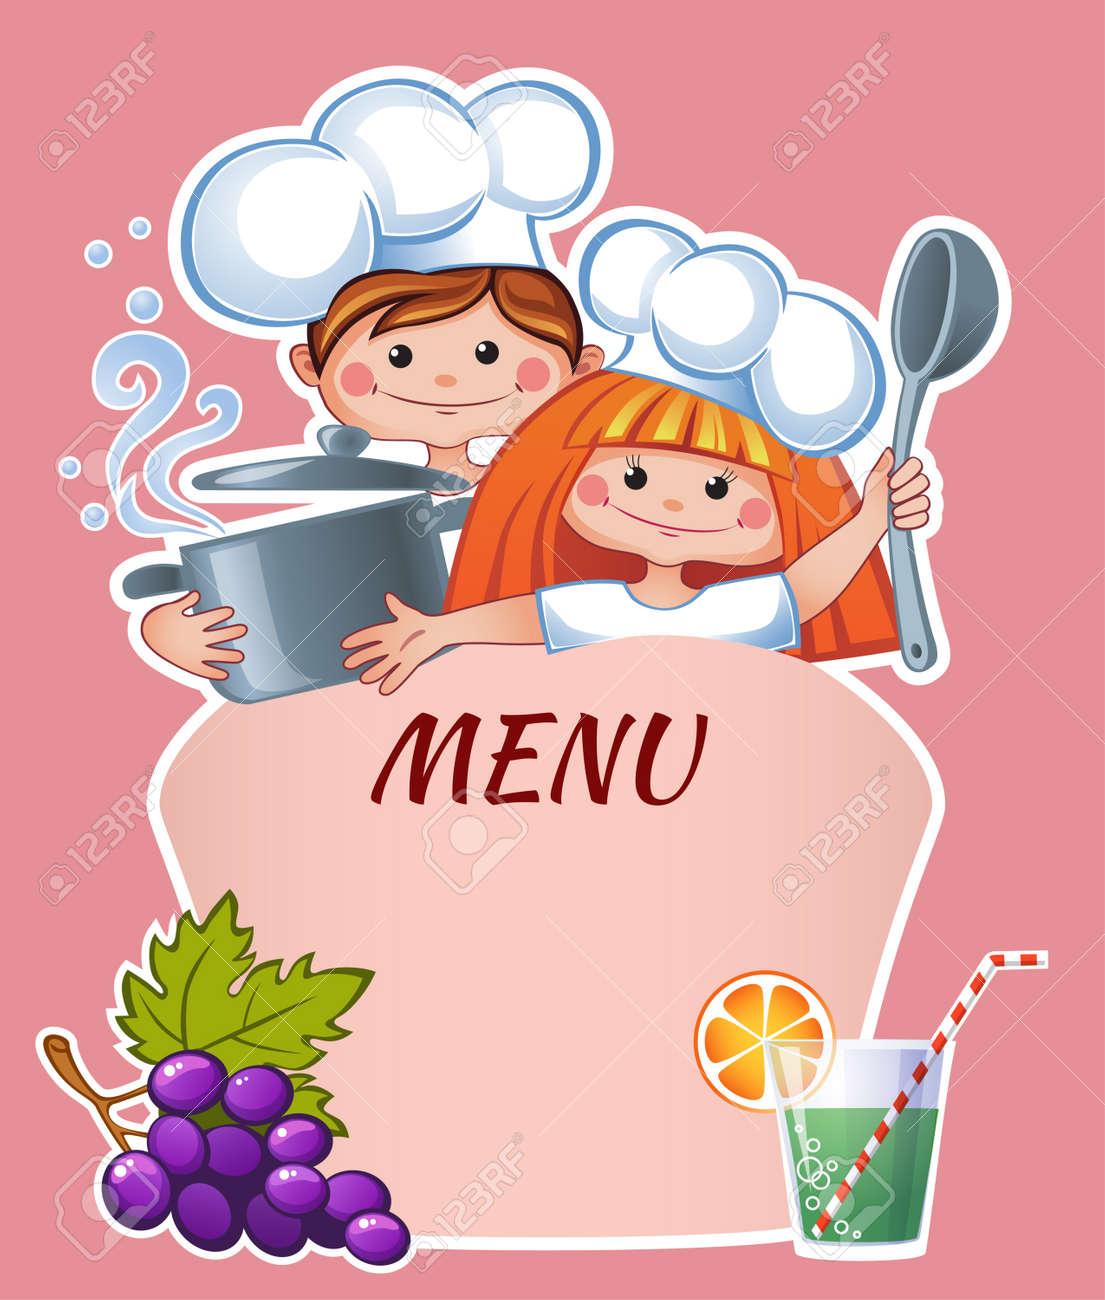 Plantilla De Menú Para Niños Ilustraciones Vectoriales, Clip Art ...